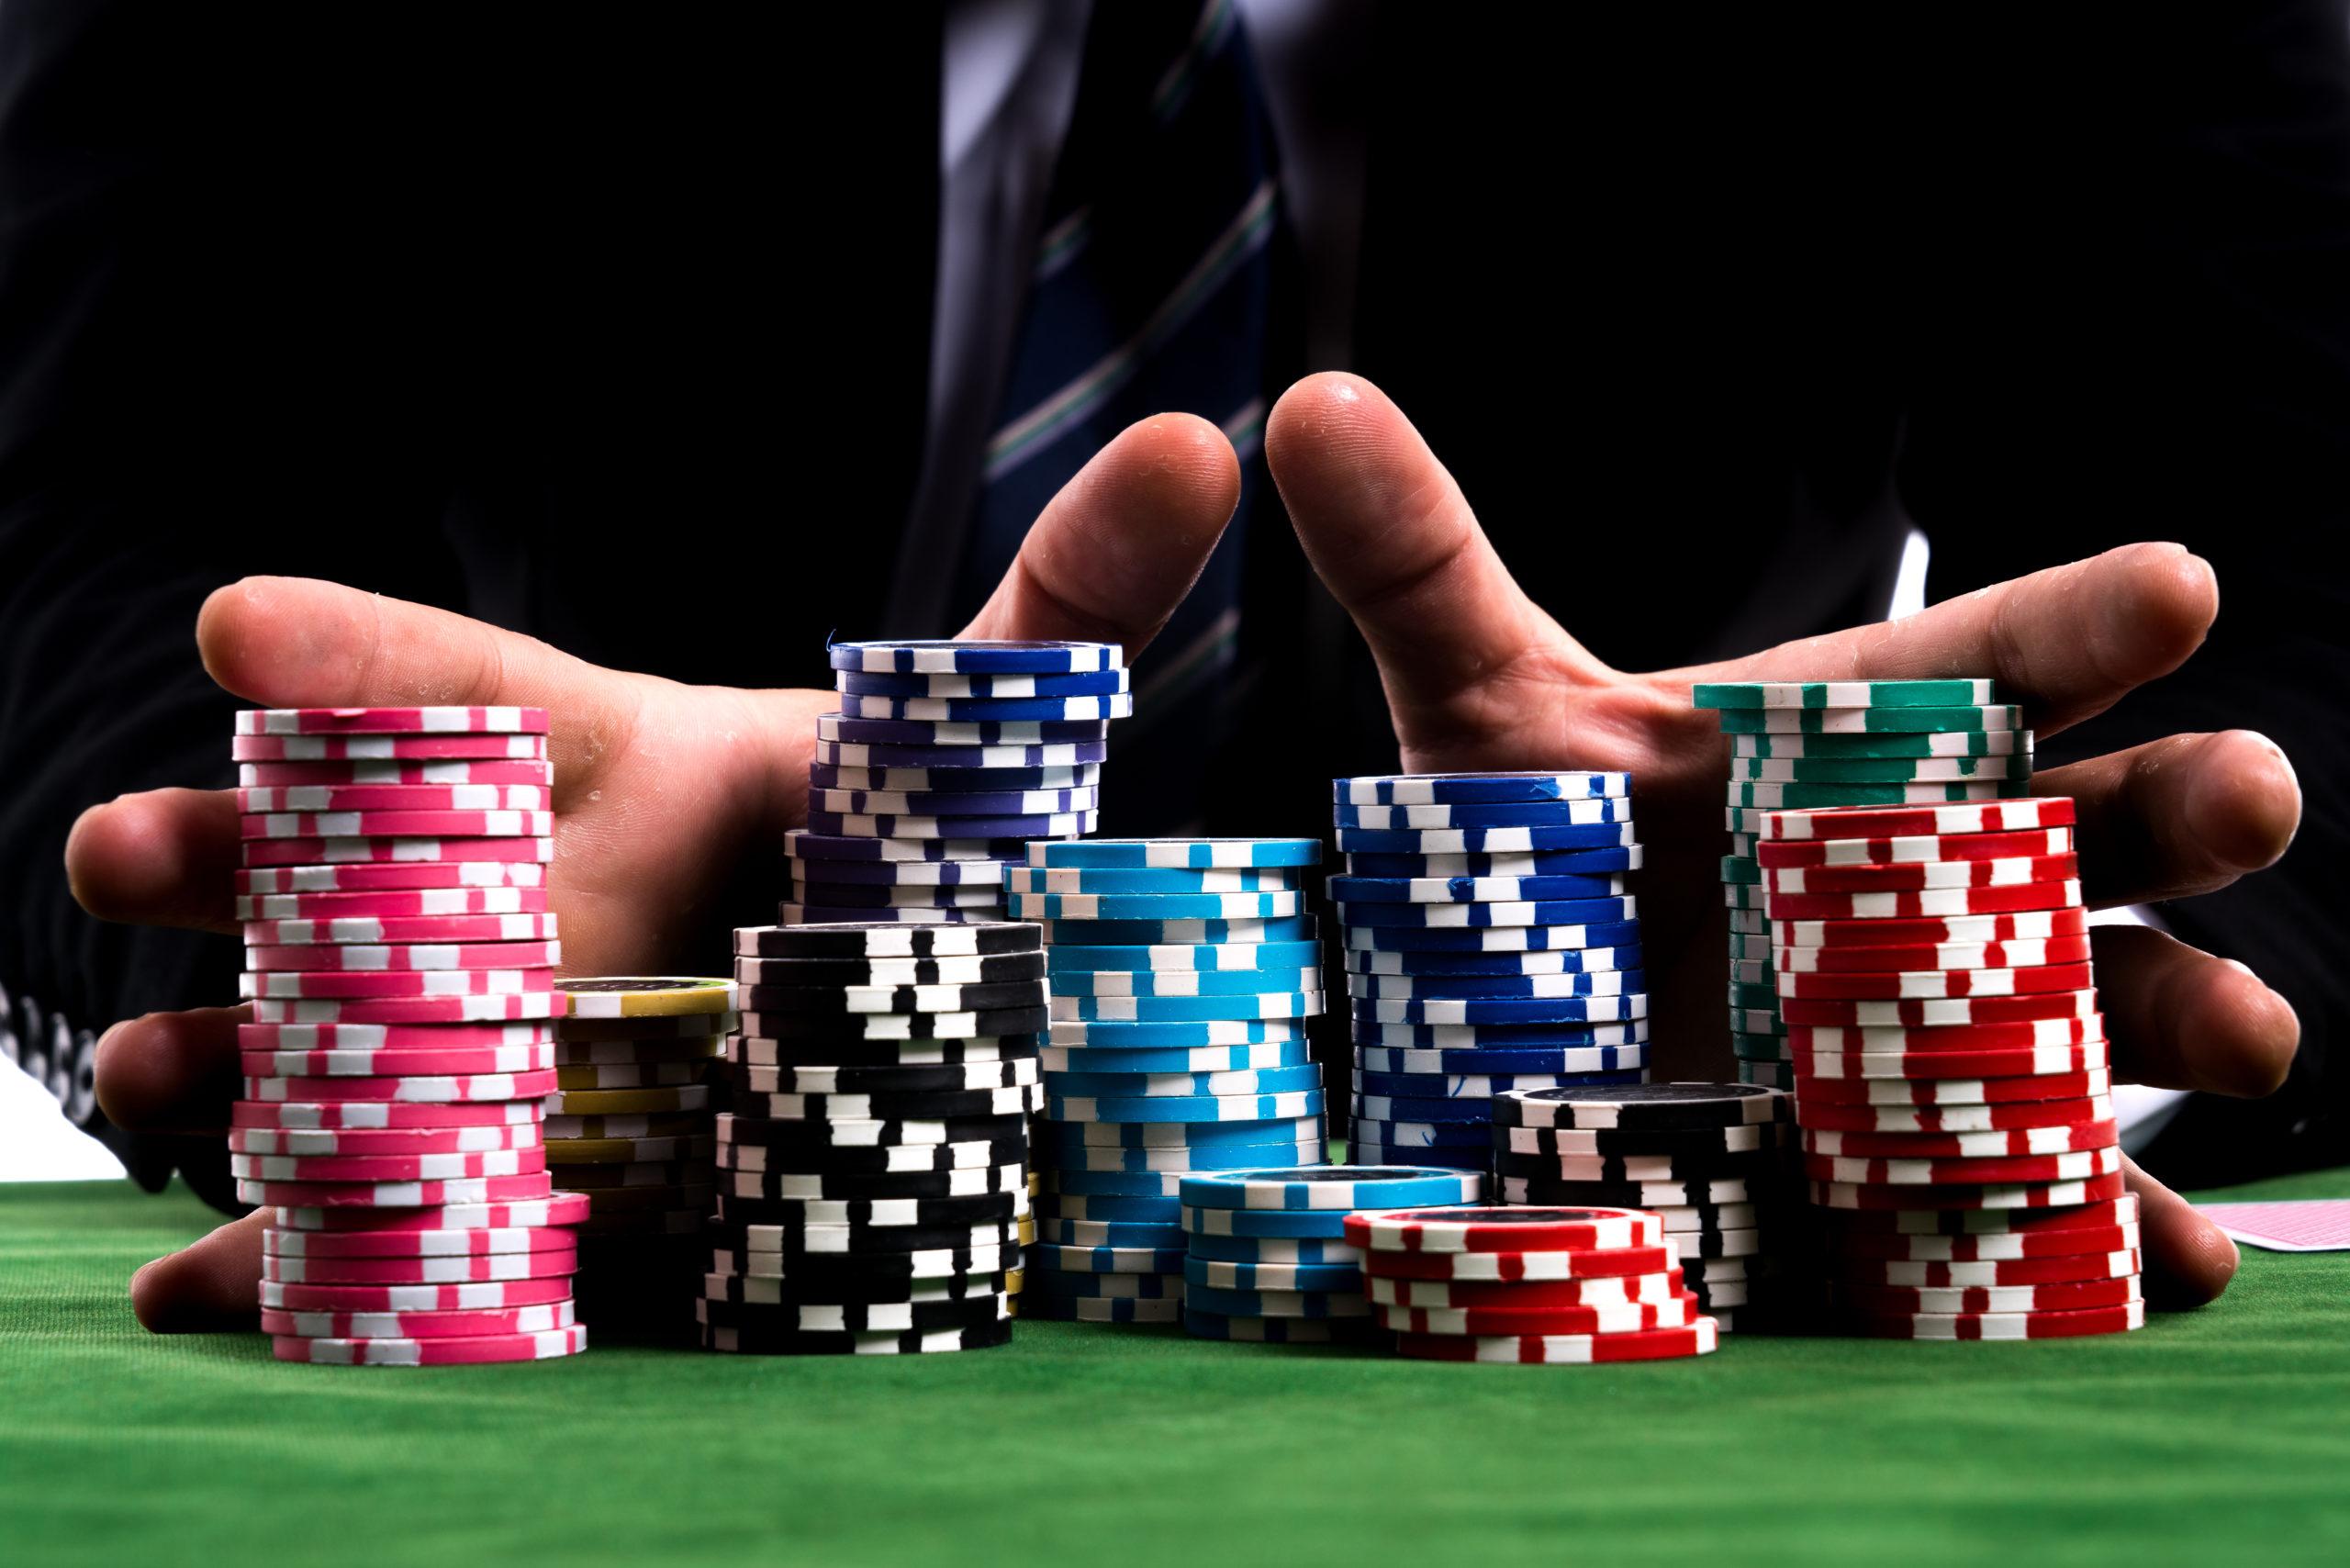 ポーカーのチップ